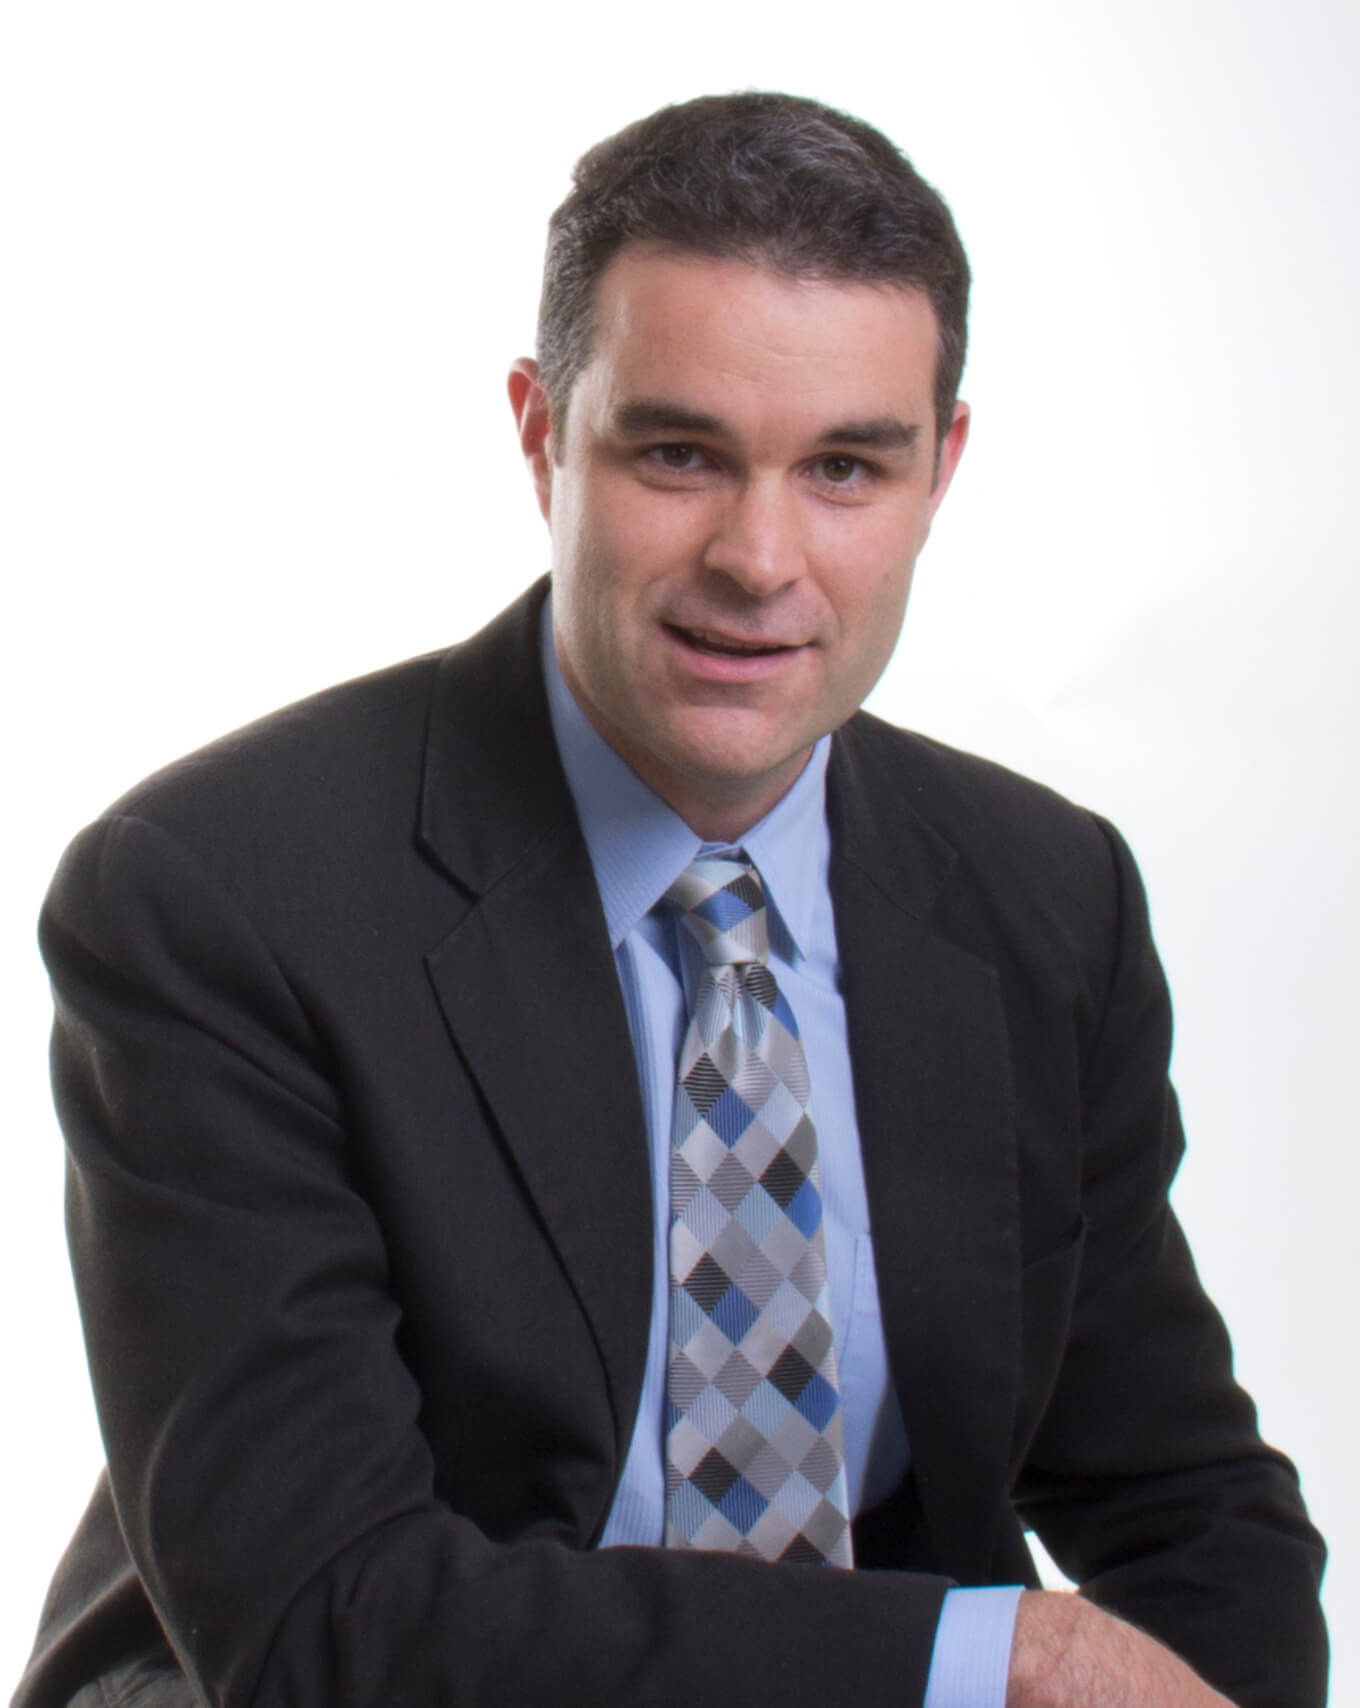 Photo of Hamish Coates